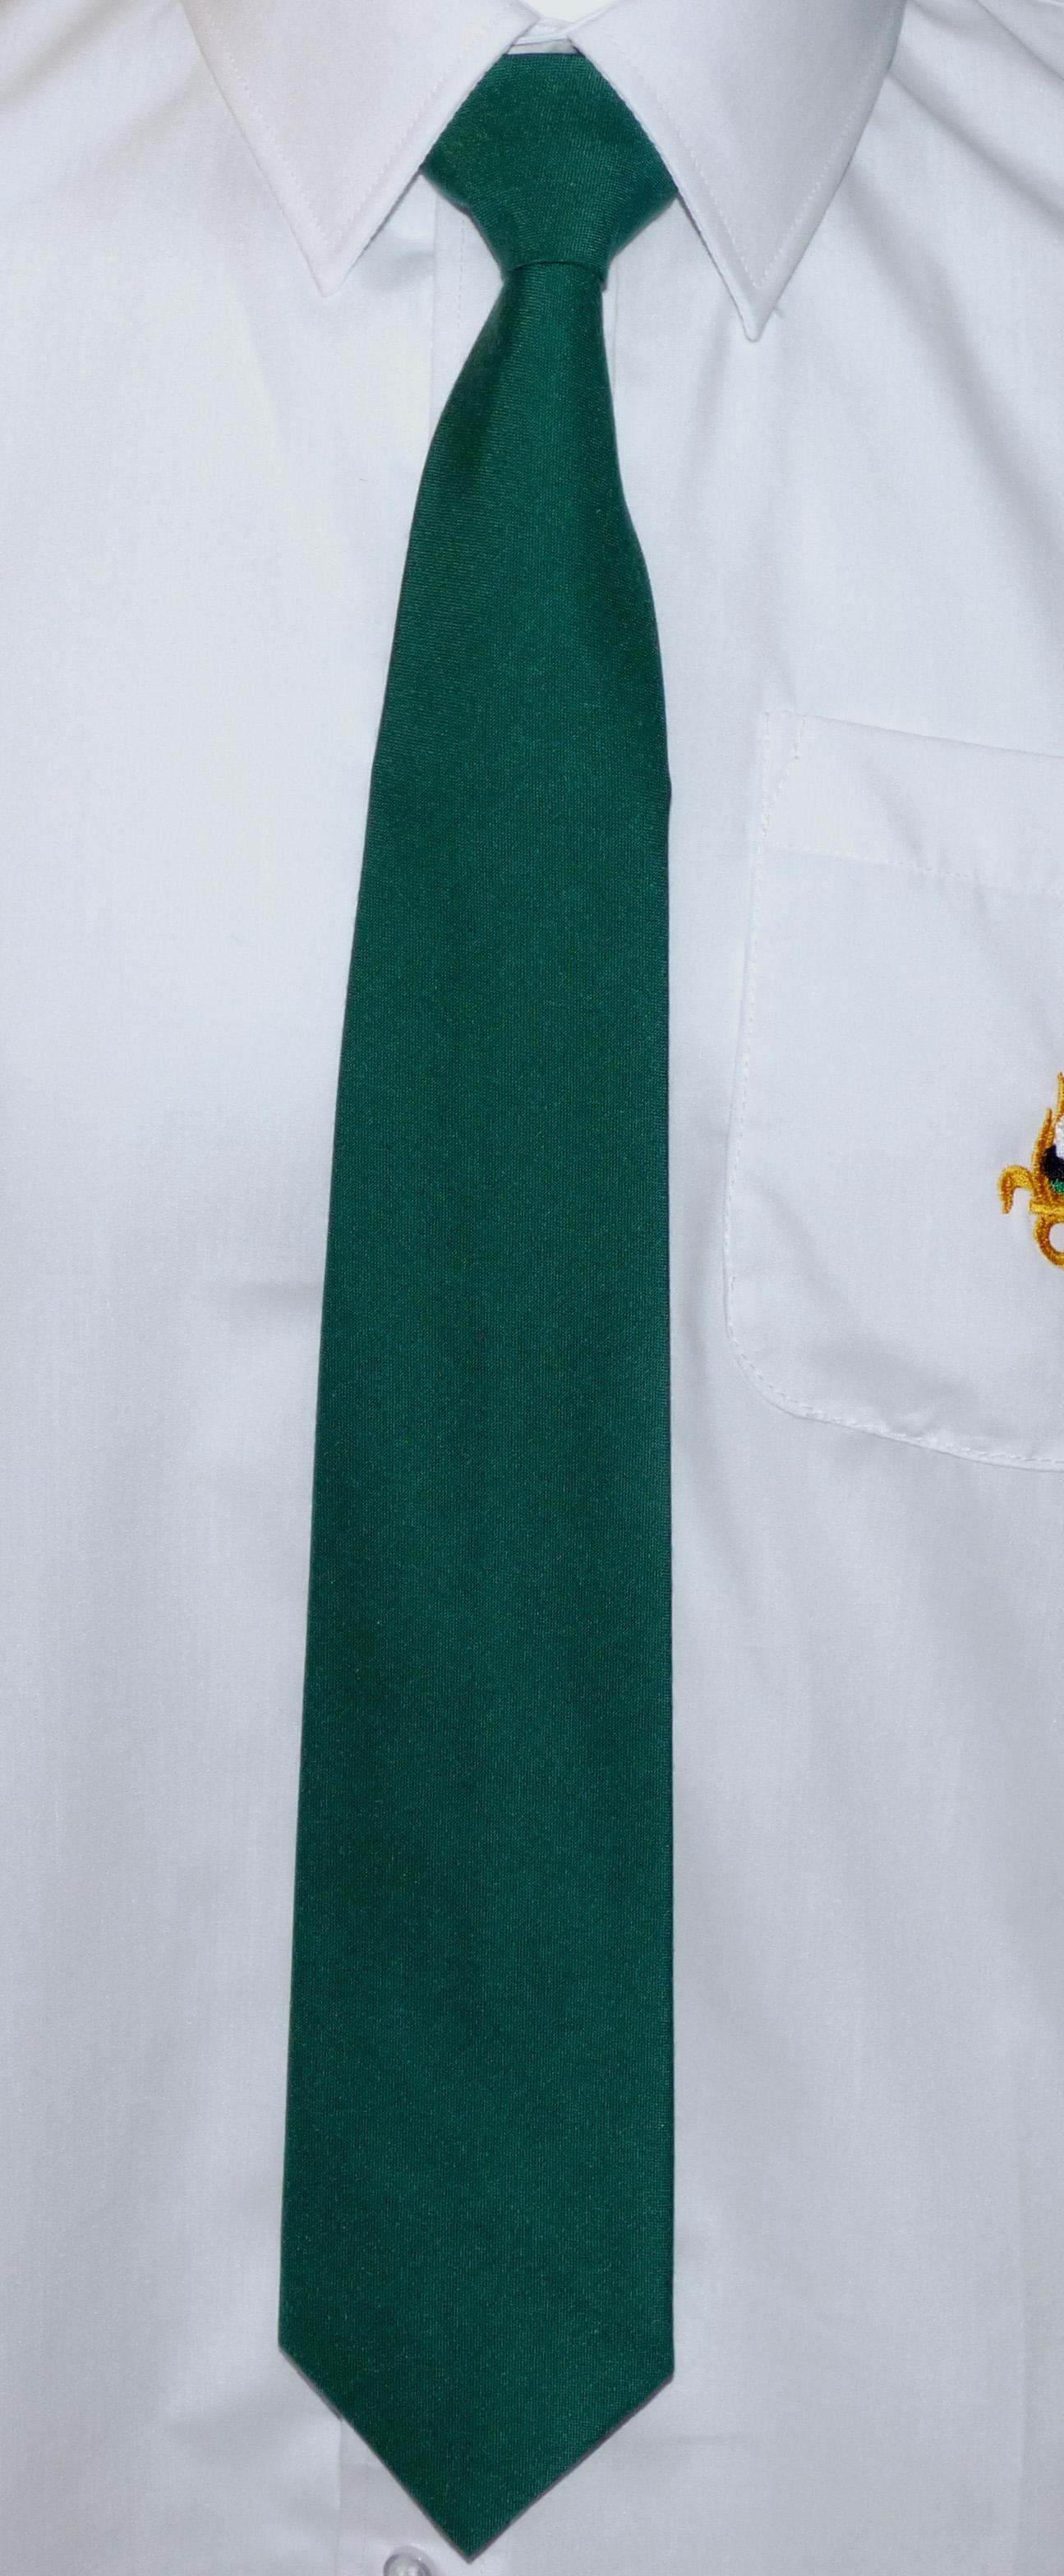 fabrication habile Beau design Braderie Cravate réglementaire Légion